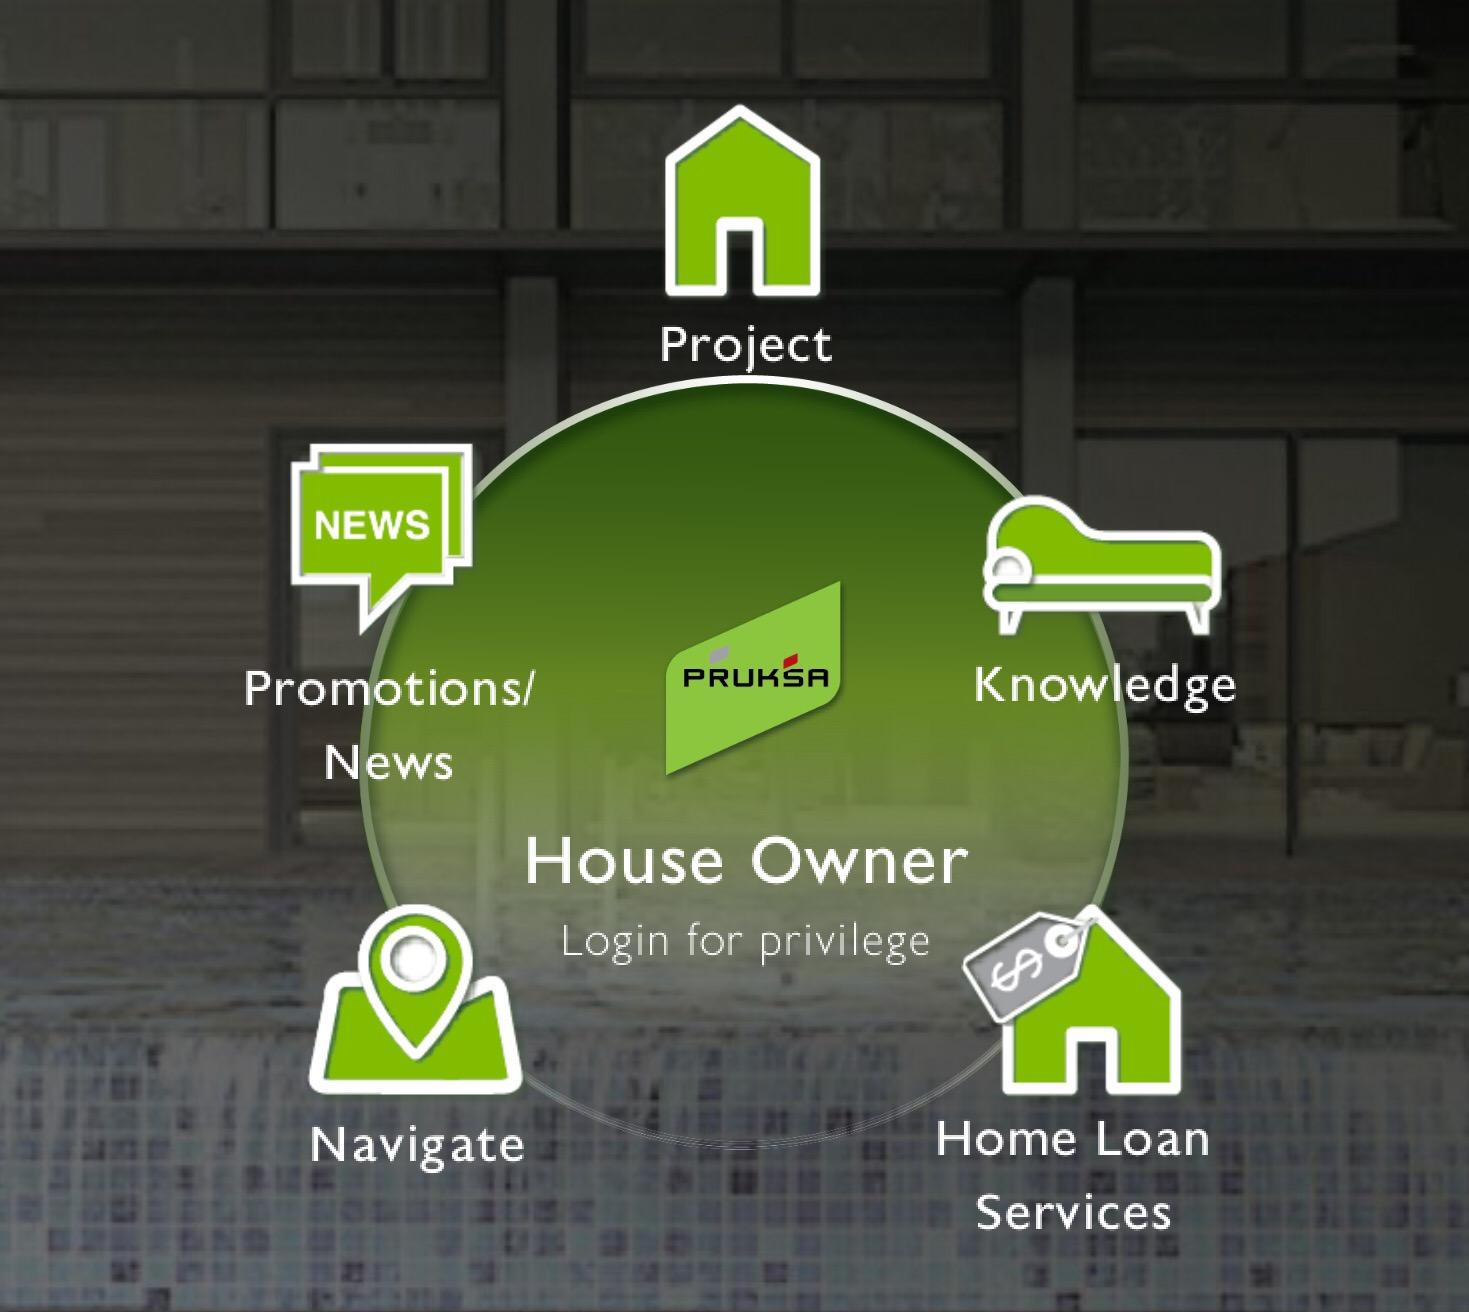 ทุกเรื่องบ้าน สะดวกสบายเพียงปลายนิ้วสัมผัสจาก Pruksa Family App 13 - house